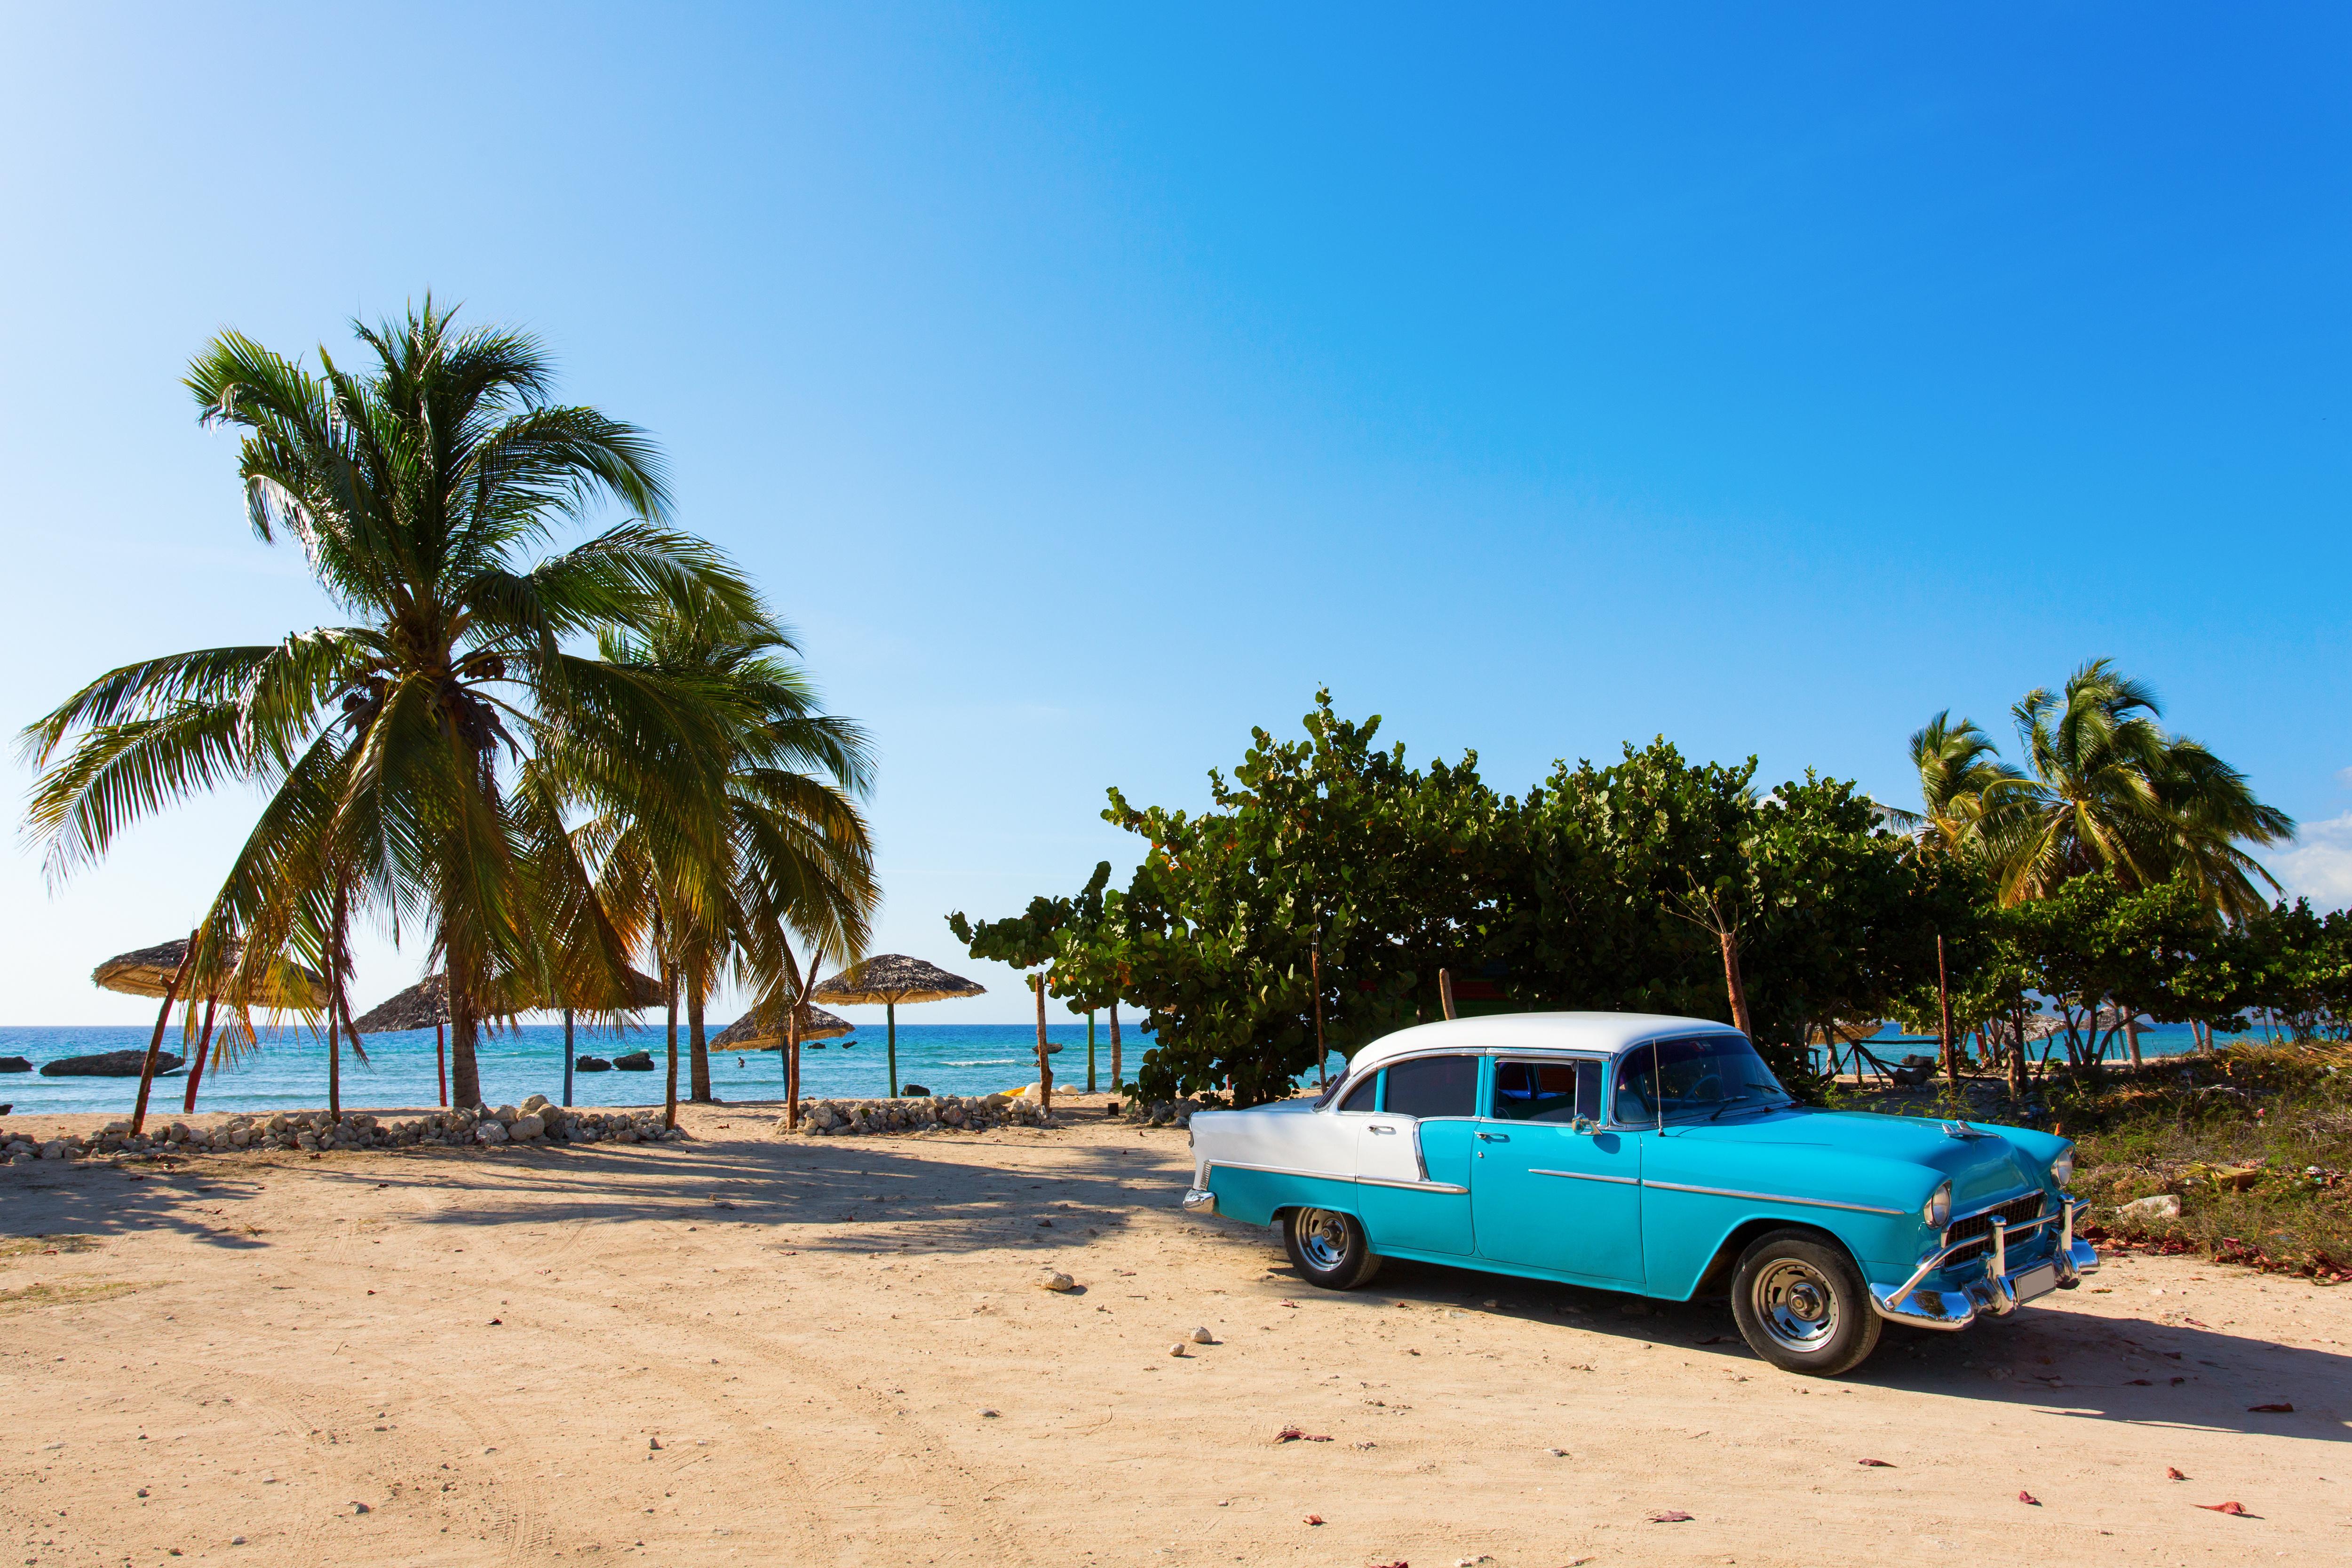 Kuba bietet sowohl aufregendes Stadtleben als auch pure Entspannung an Sandstränden. © Foto: www.danmirica.ro / Fotolia.com